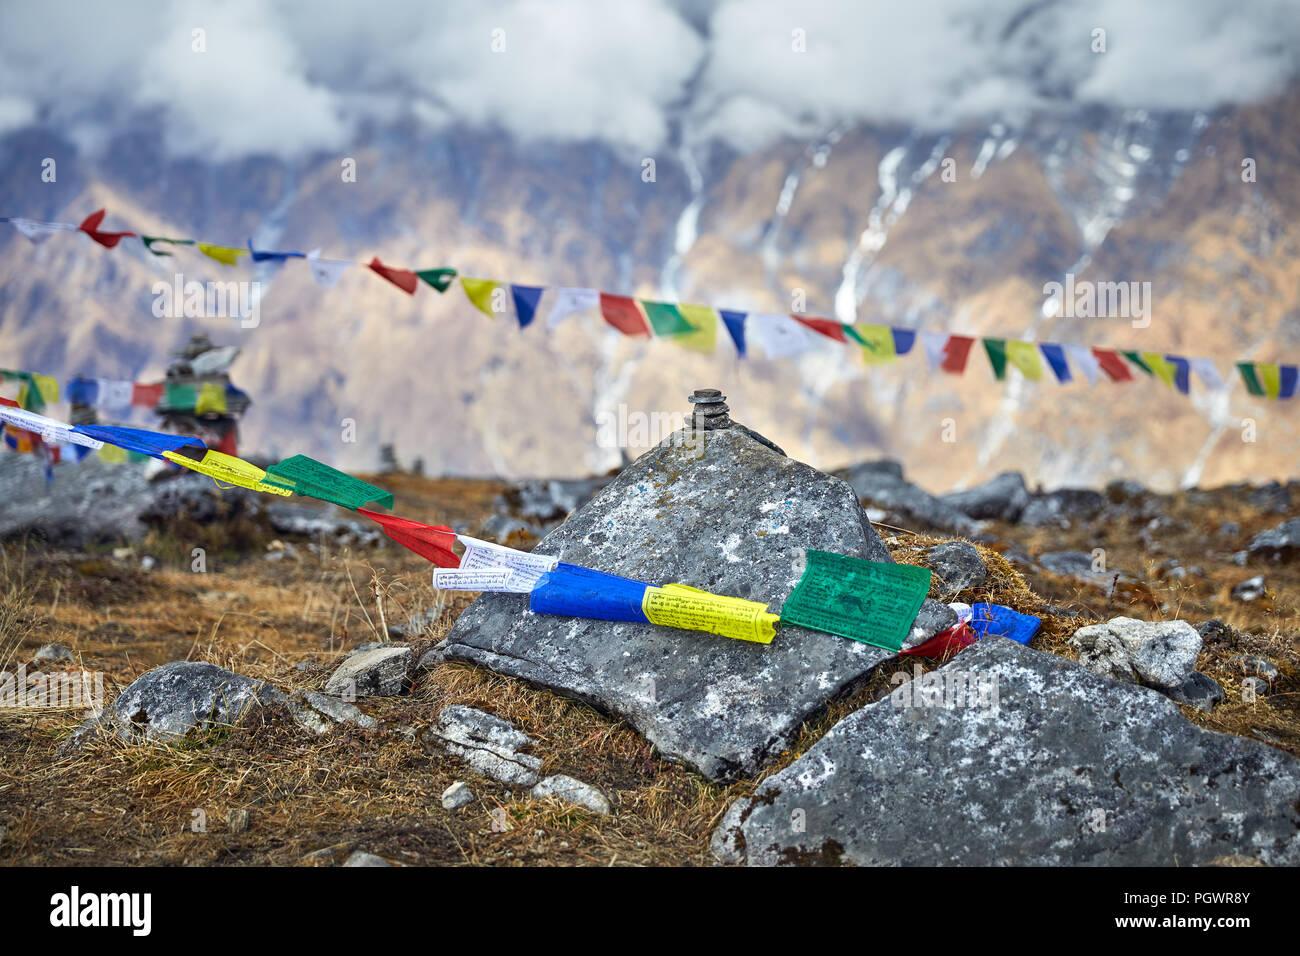 De petits tas de pierres et de drapeaux de prière Tibetains Lung Ta au camp de base à l'Himal Mardi Nuageux sommets de montagnes de l'Himalaya au Népal Photo Stock